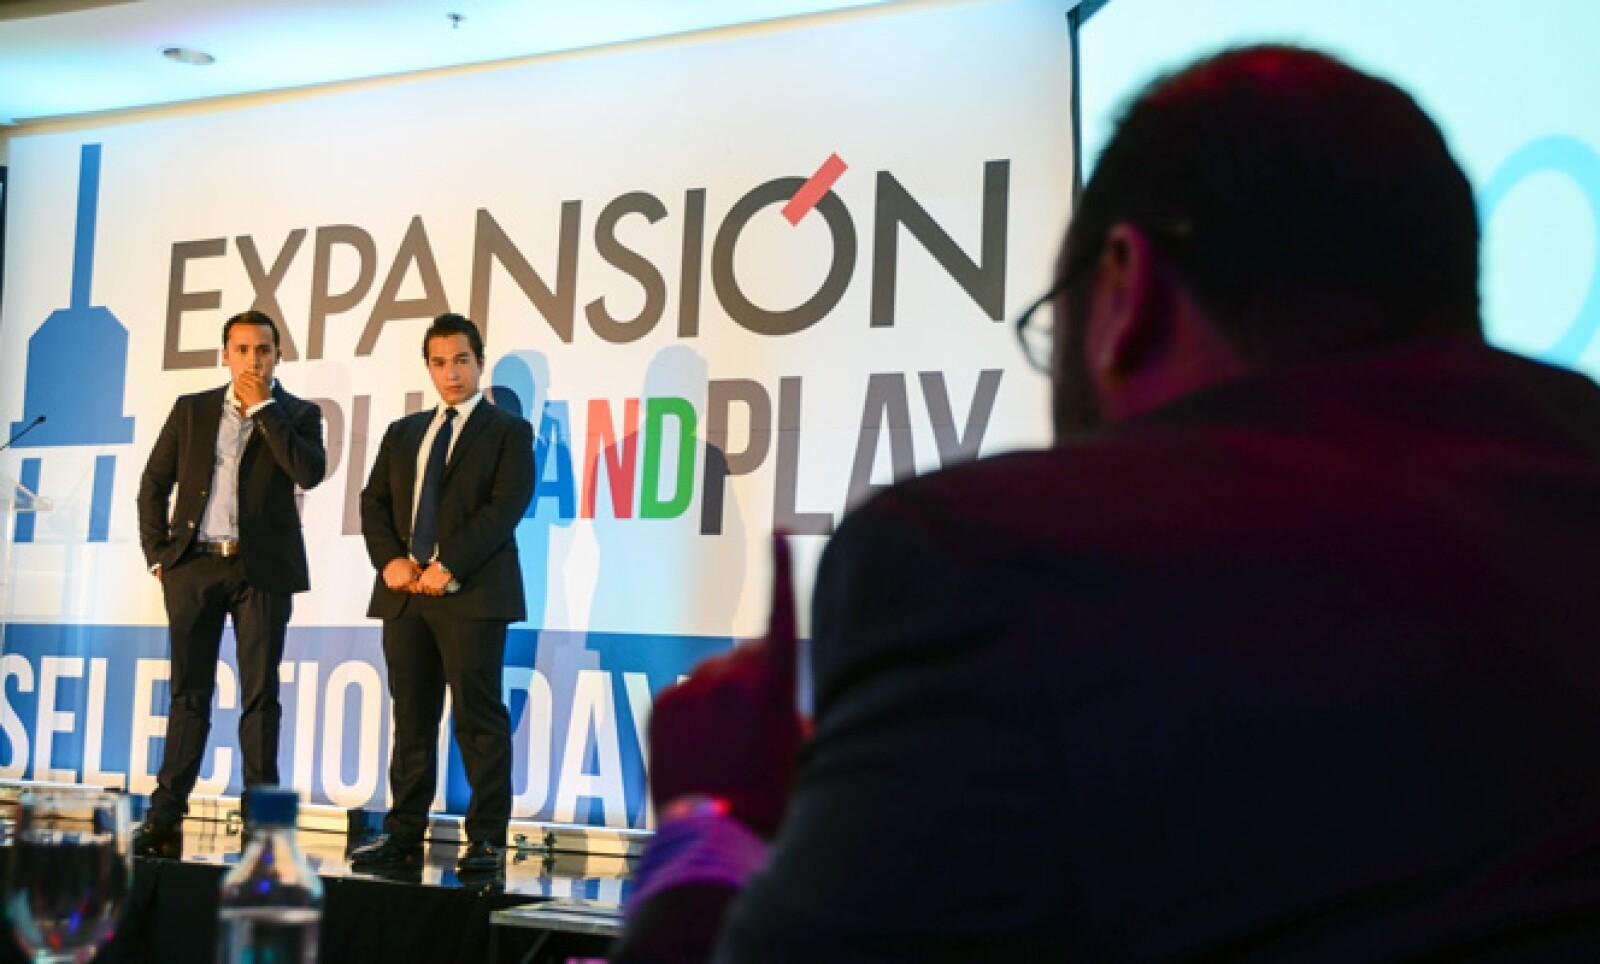 Miguel Osorno y Diego Magallo diseñaron una plataforma de pago que funciona con la huella digital sin necesidad de cargar el plástico.